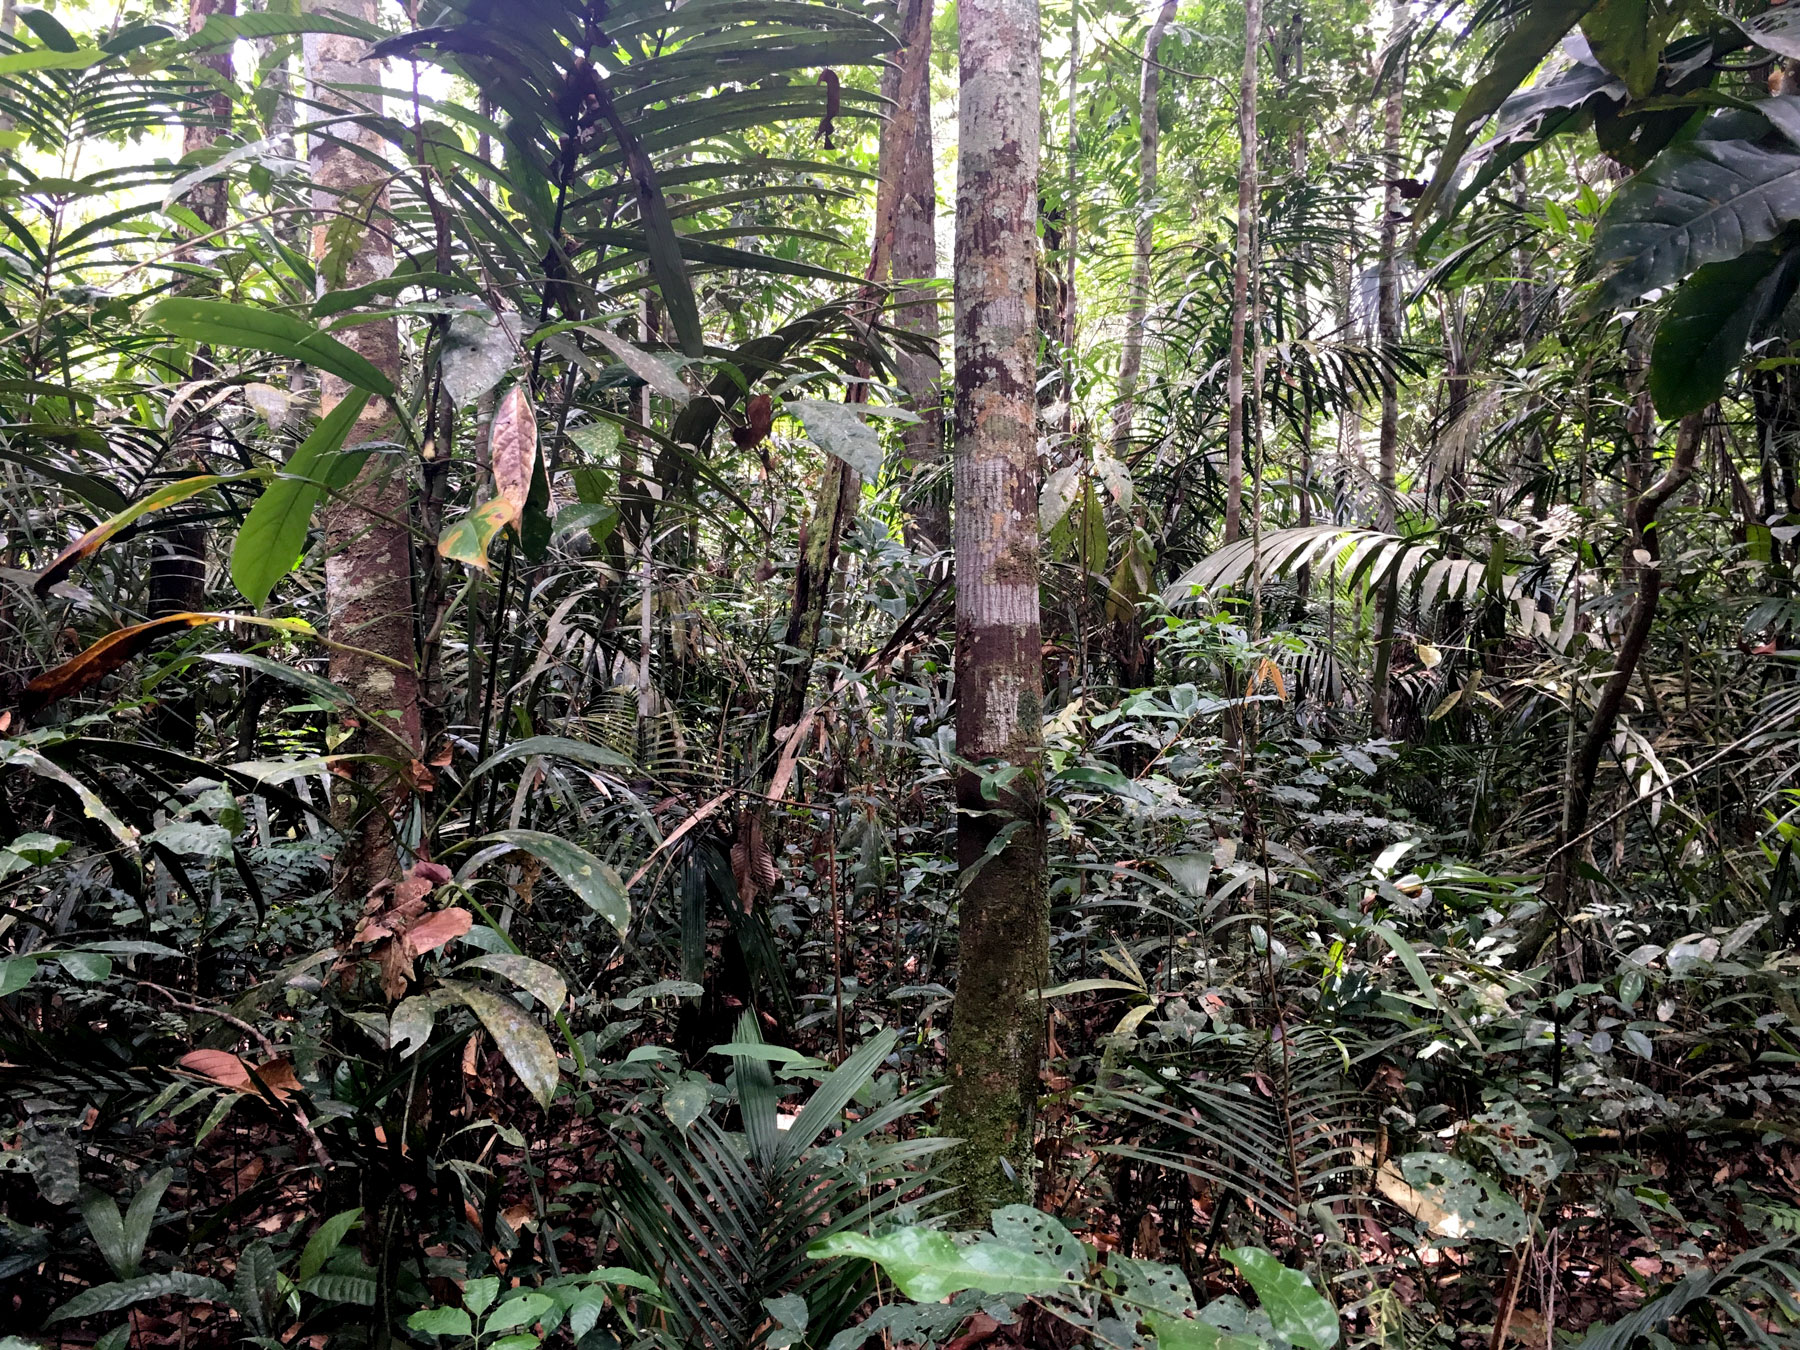 Foto vom grünen, undurchdringlichen Regenwald